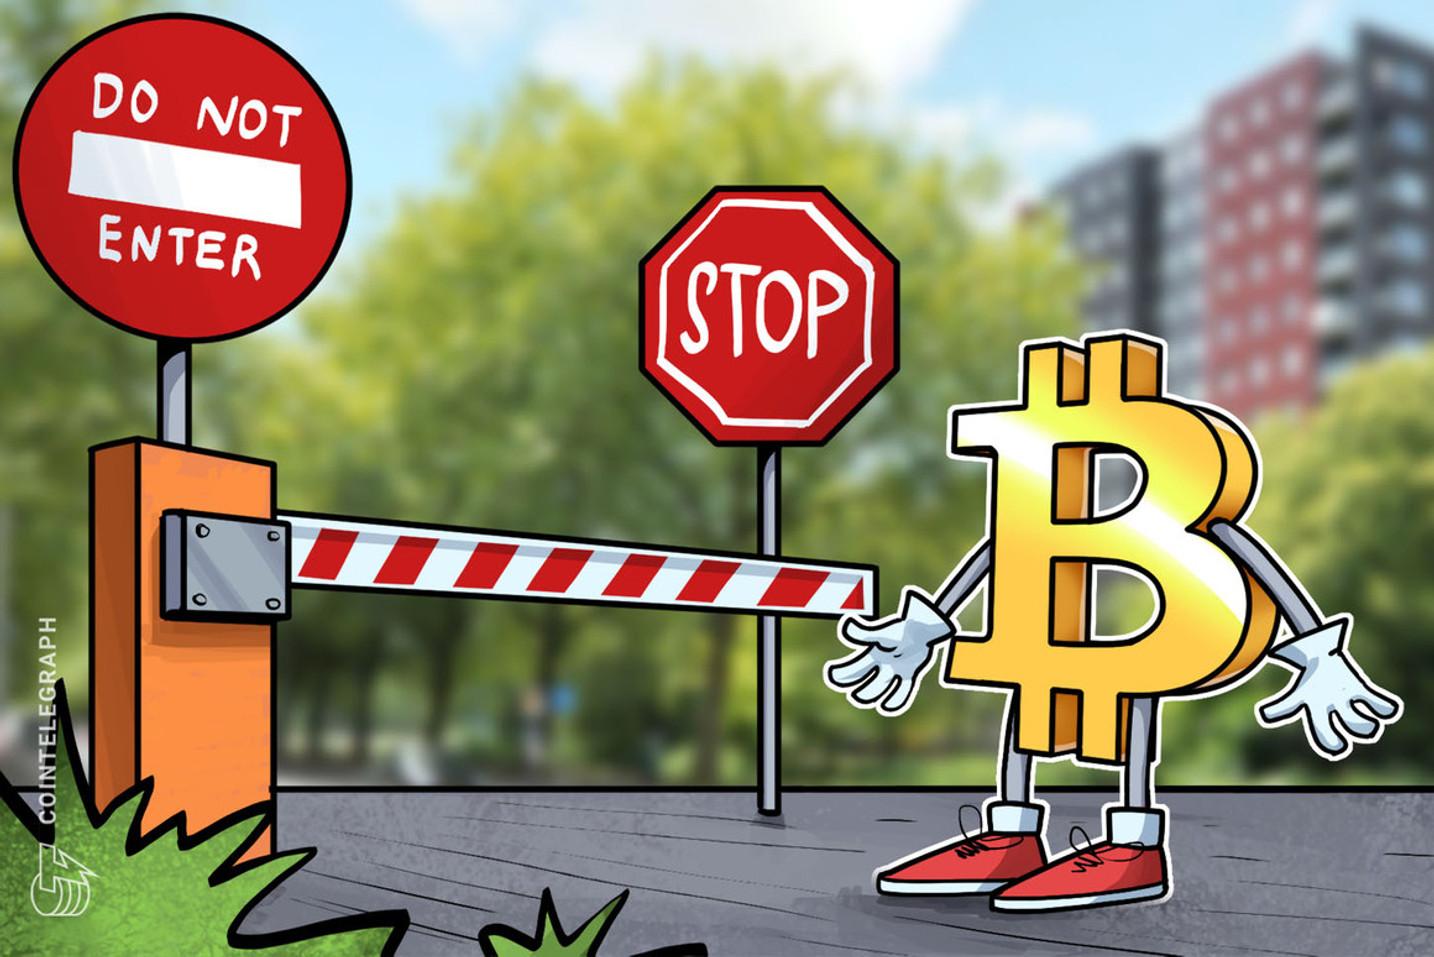 SON DAKİKA: T.C. Merkez Bankasından kripto para ile ödemeye yasak!